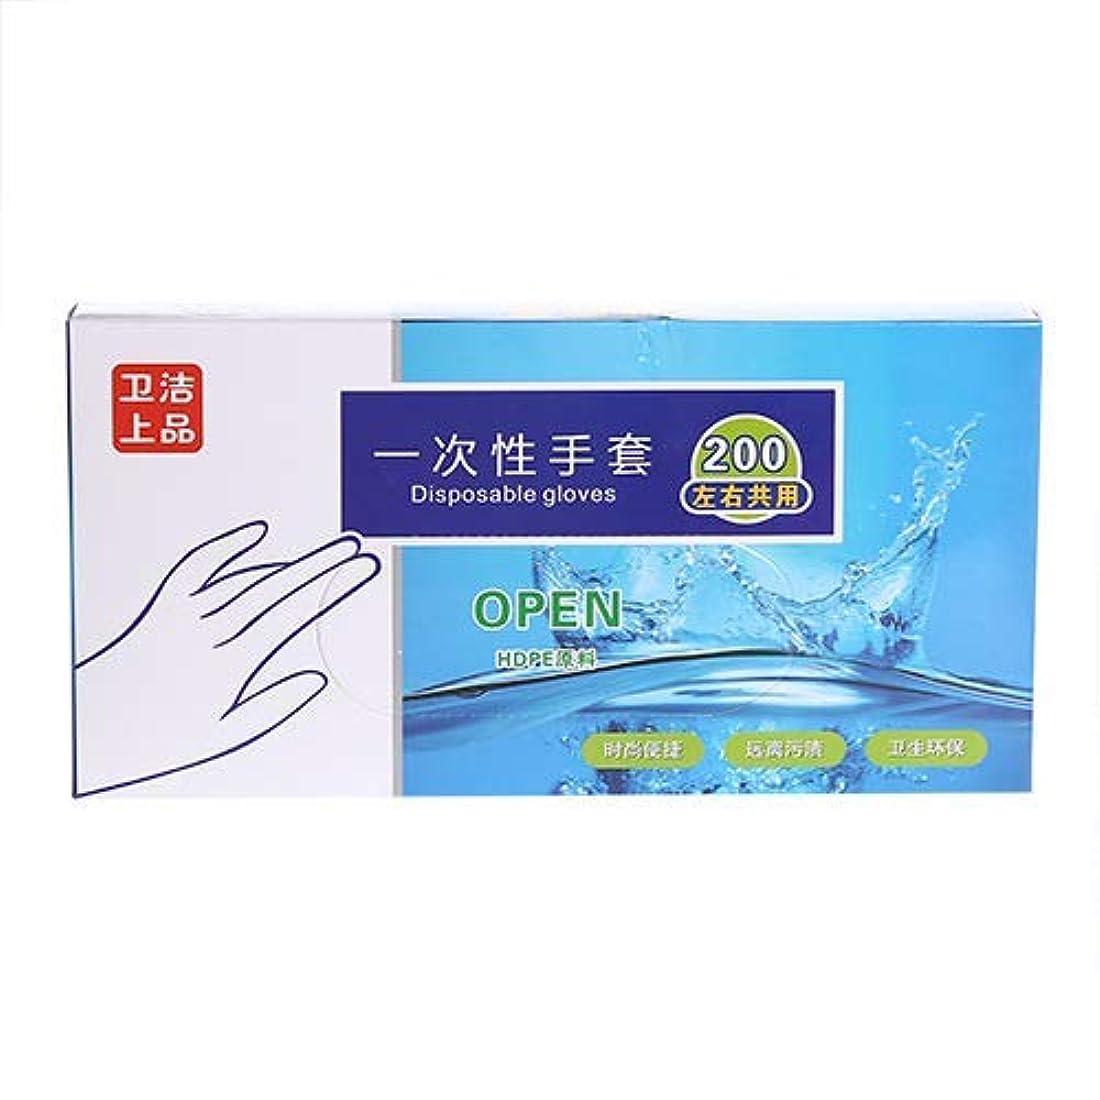 ウェイタースコア安定使い捨て手袋 ニトリルグローブ ホワイト 粉なし 100枚入り /200枚入り